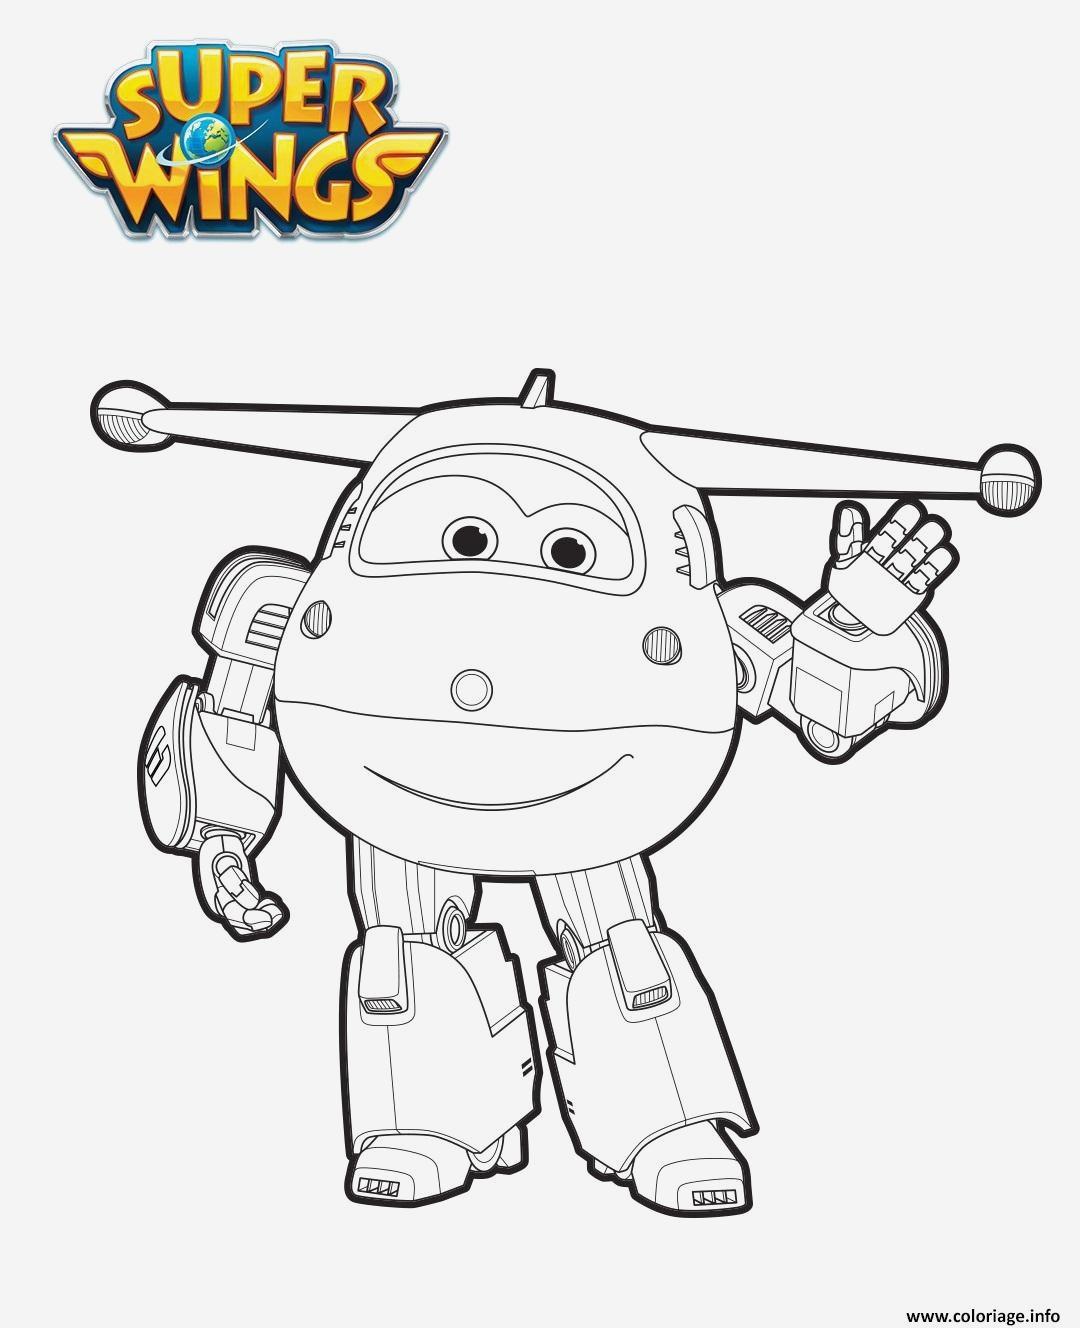 Coloriage Super Wings A Imprimer Gratuit - Coloriages Gratuits tout Coloriage Robot À Imprimer